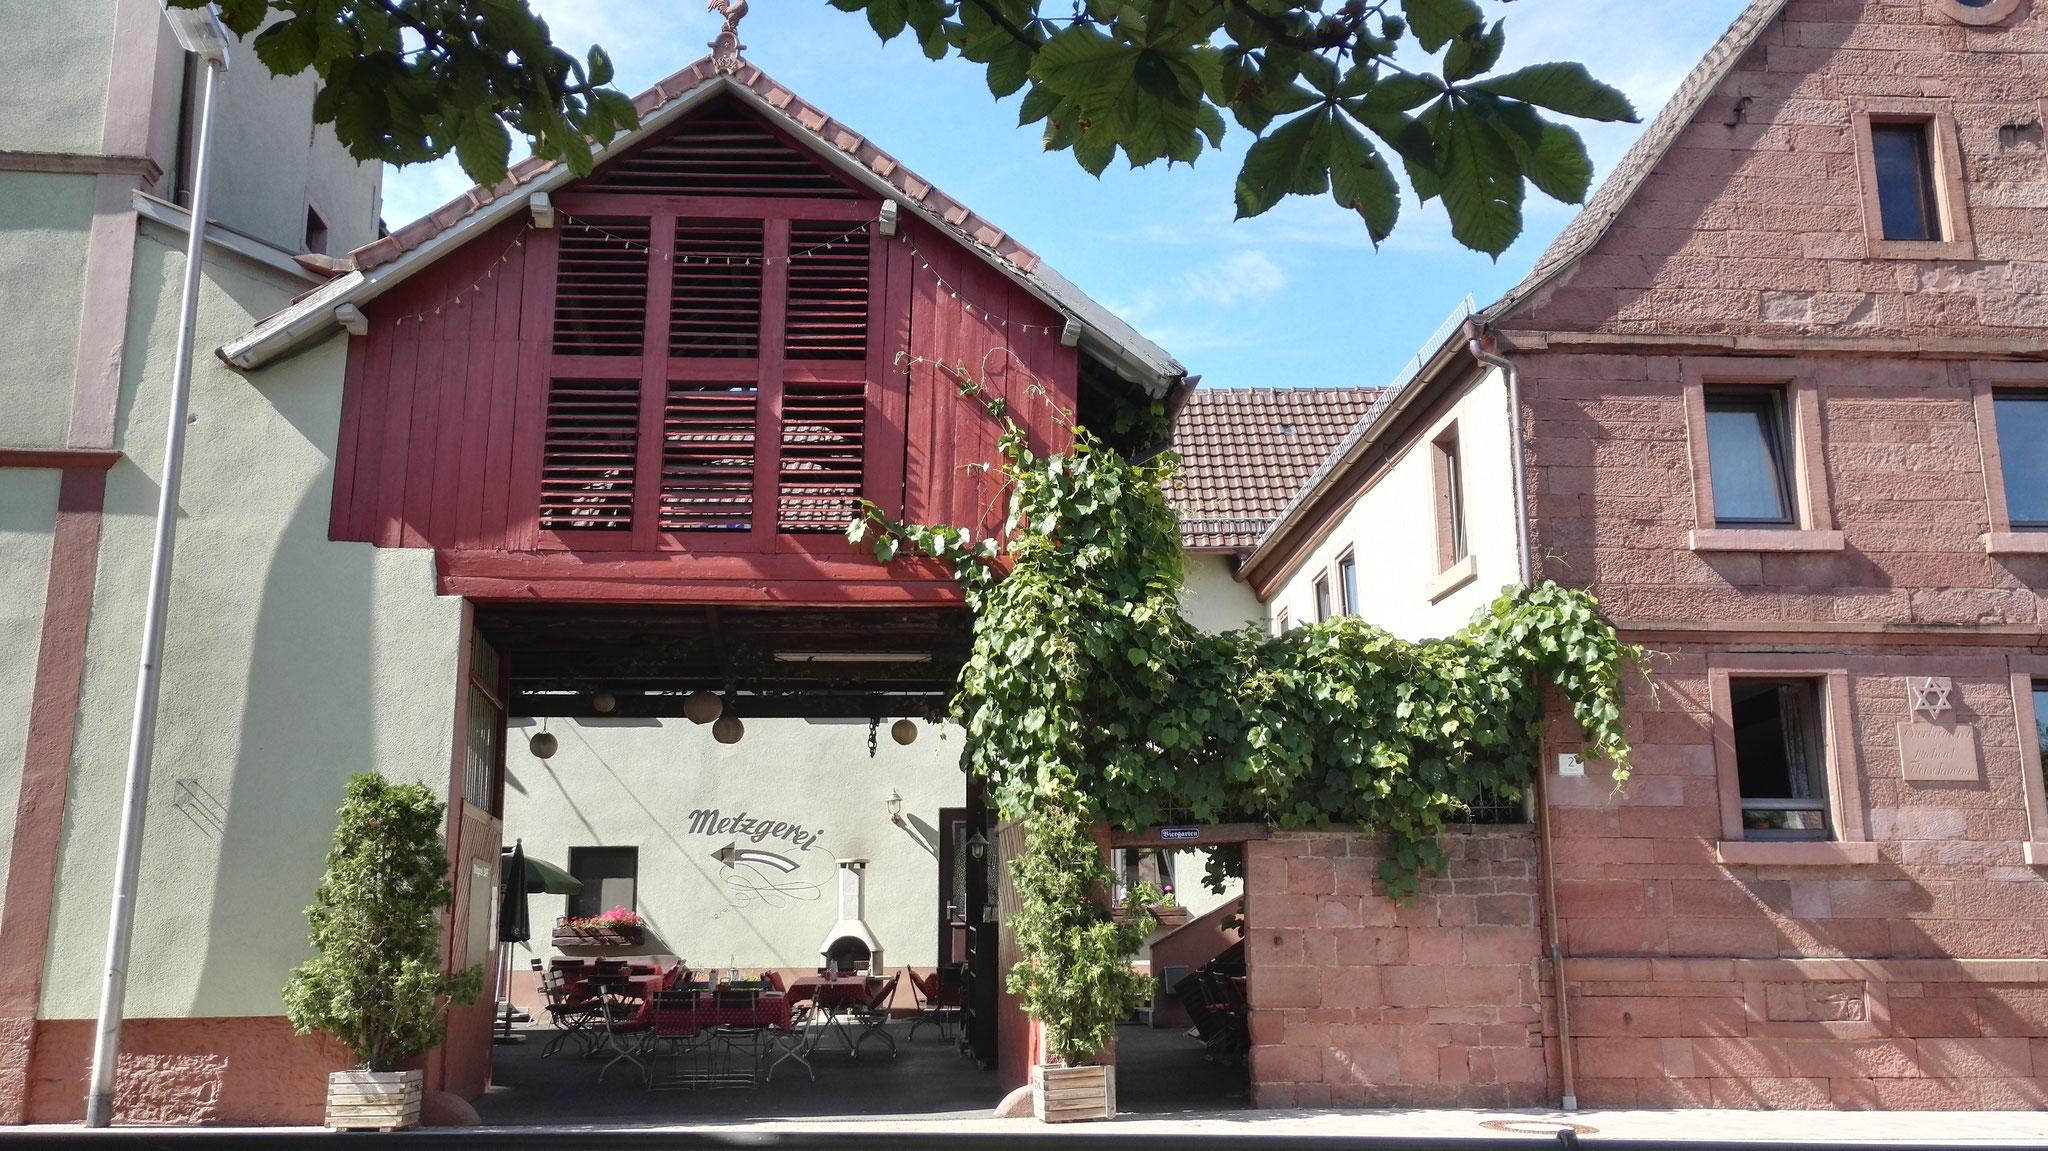 Das Kühlschiff der alten Brauerei thront über dem Biergarten und bietet an heißen Tagen ein kühles Plätzchen zum Entspannen